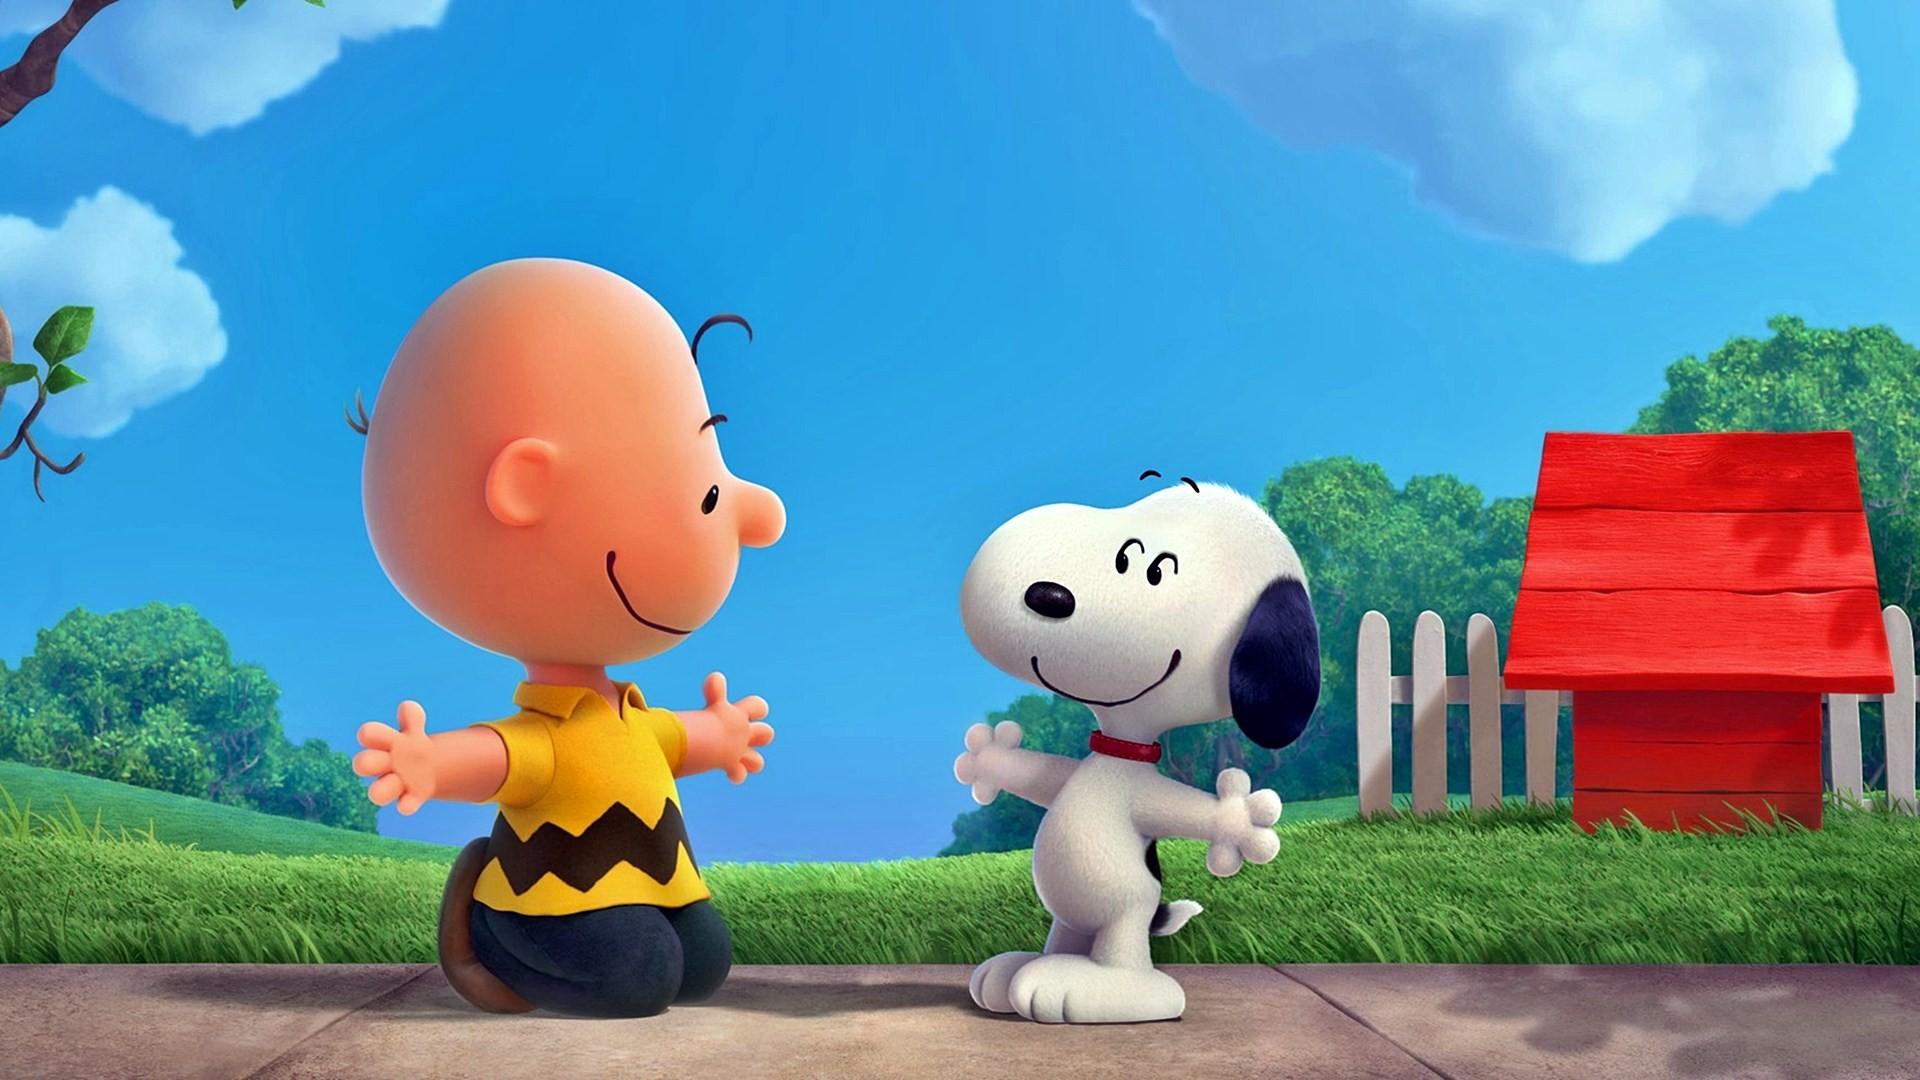 Snoppy Charlie Brown Peanuts